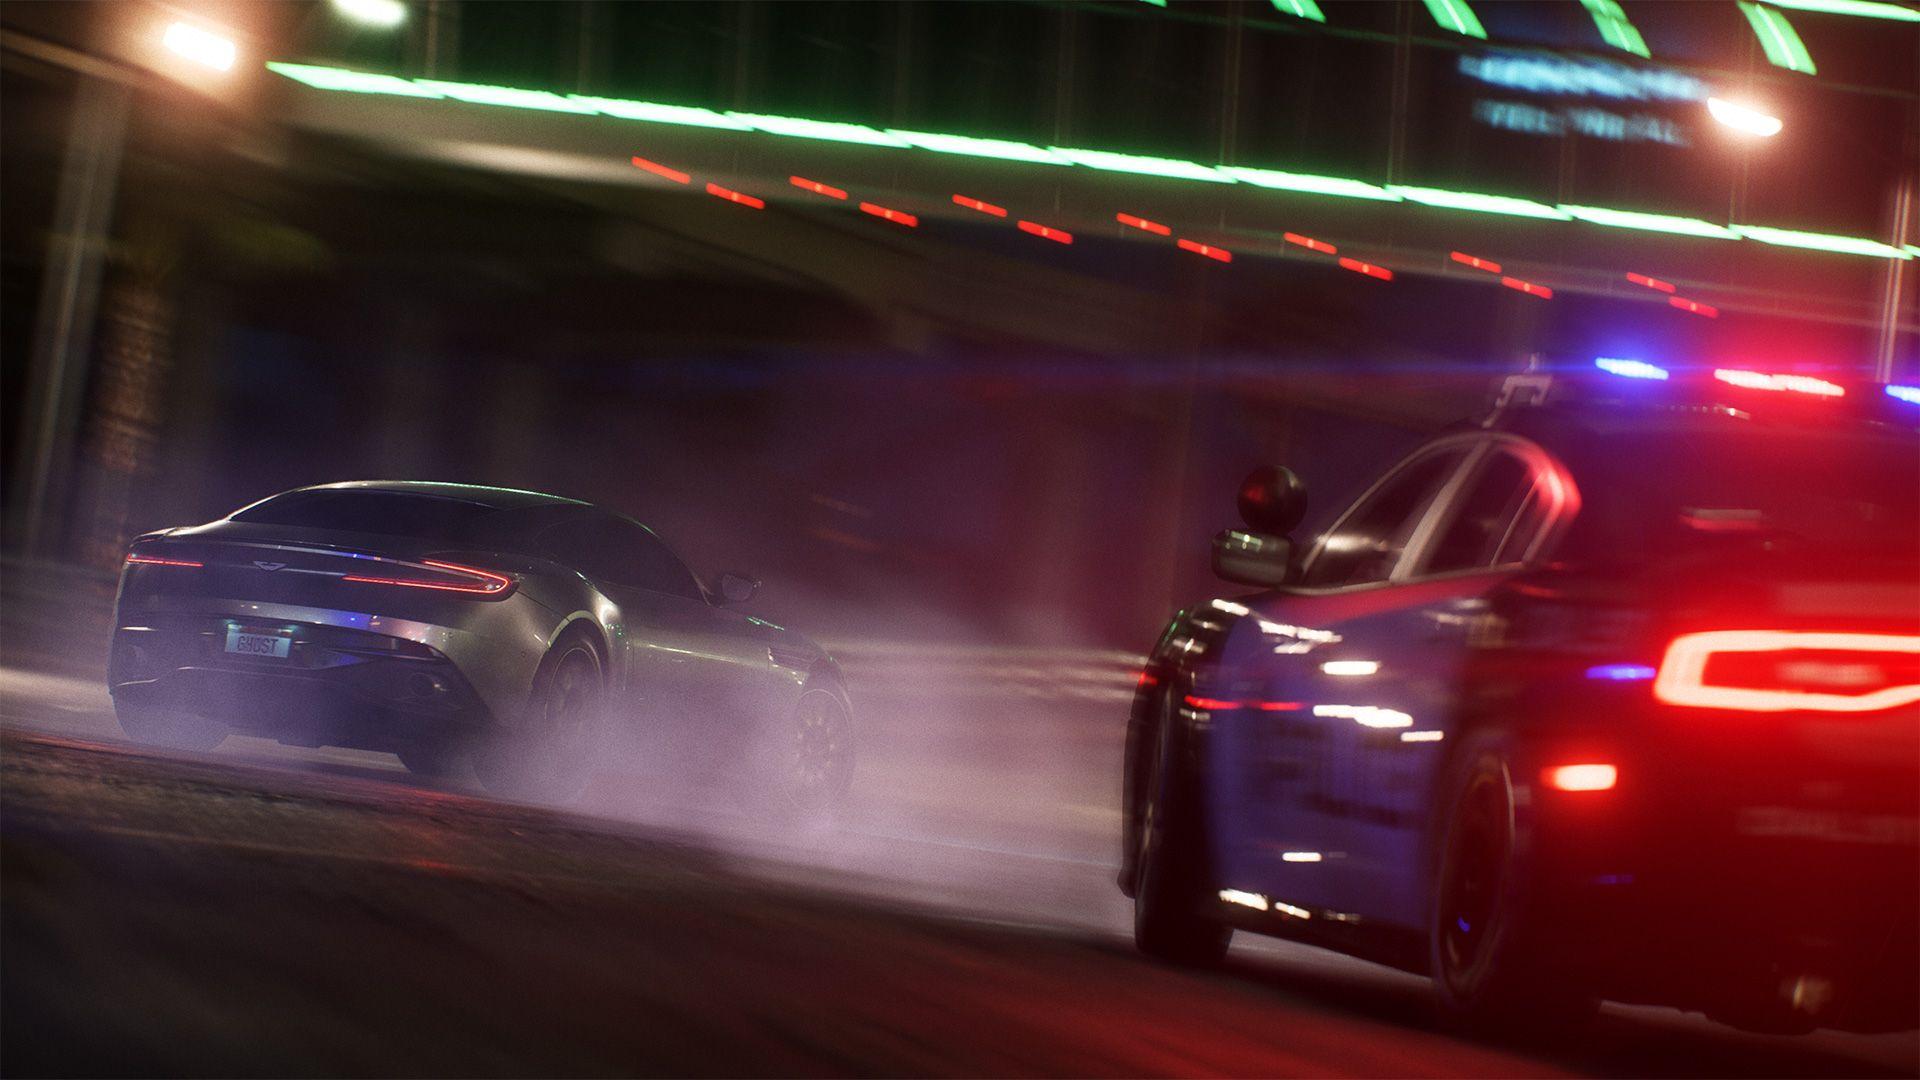 Herní série Need for Speed je tu už od roku 1994. Chystá se něco nového?